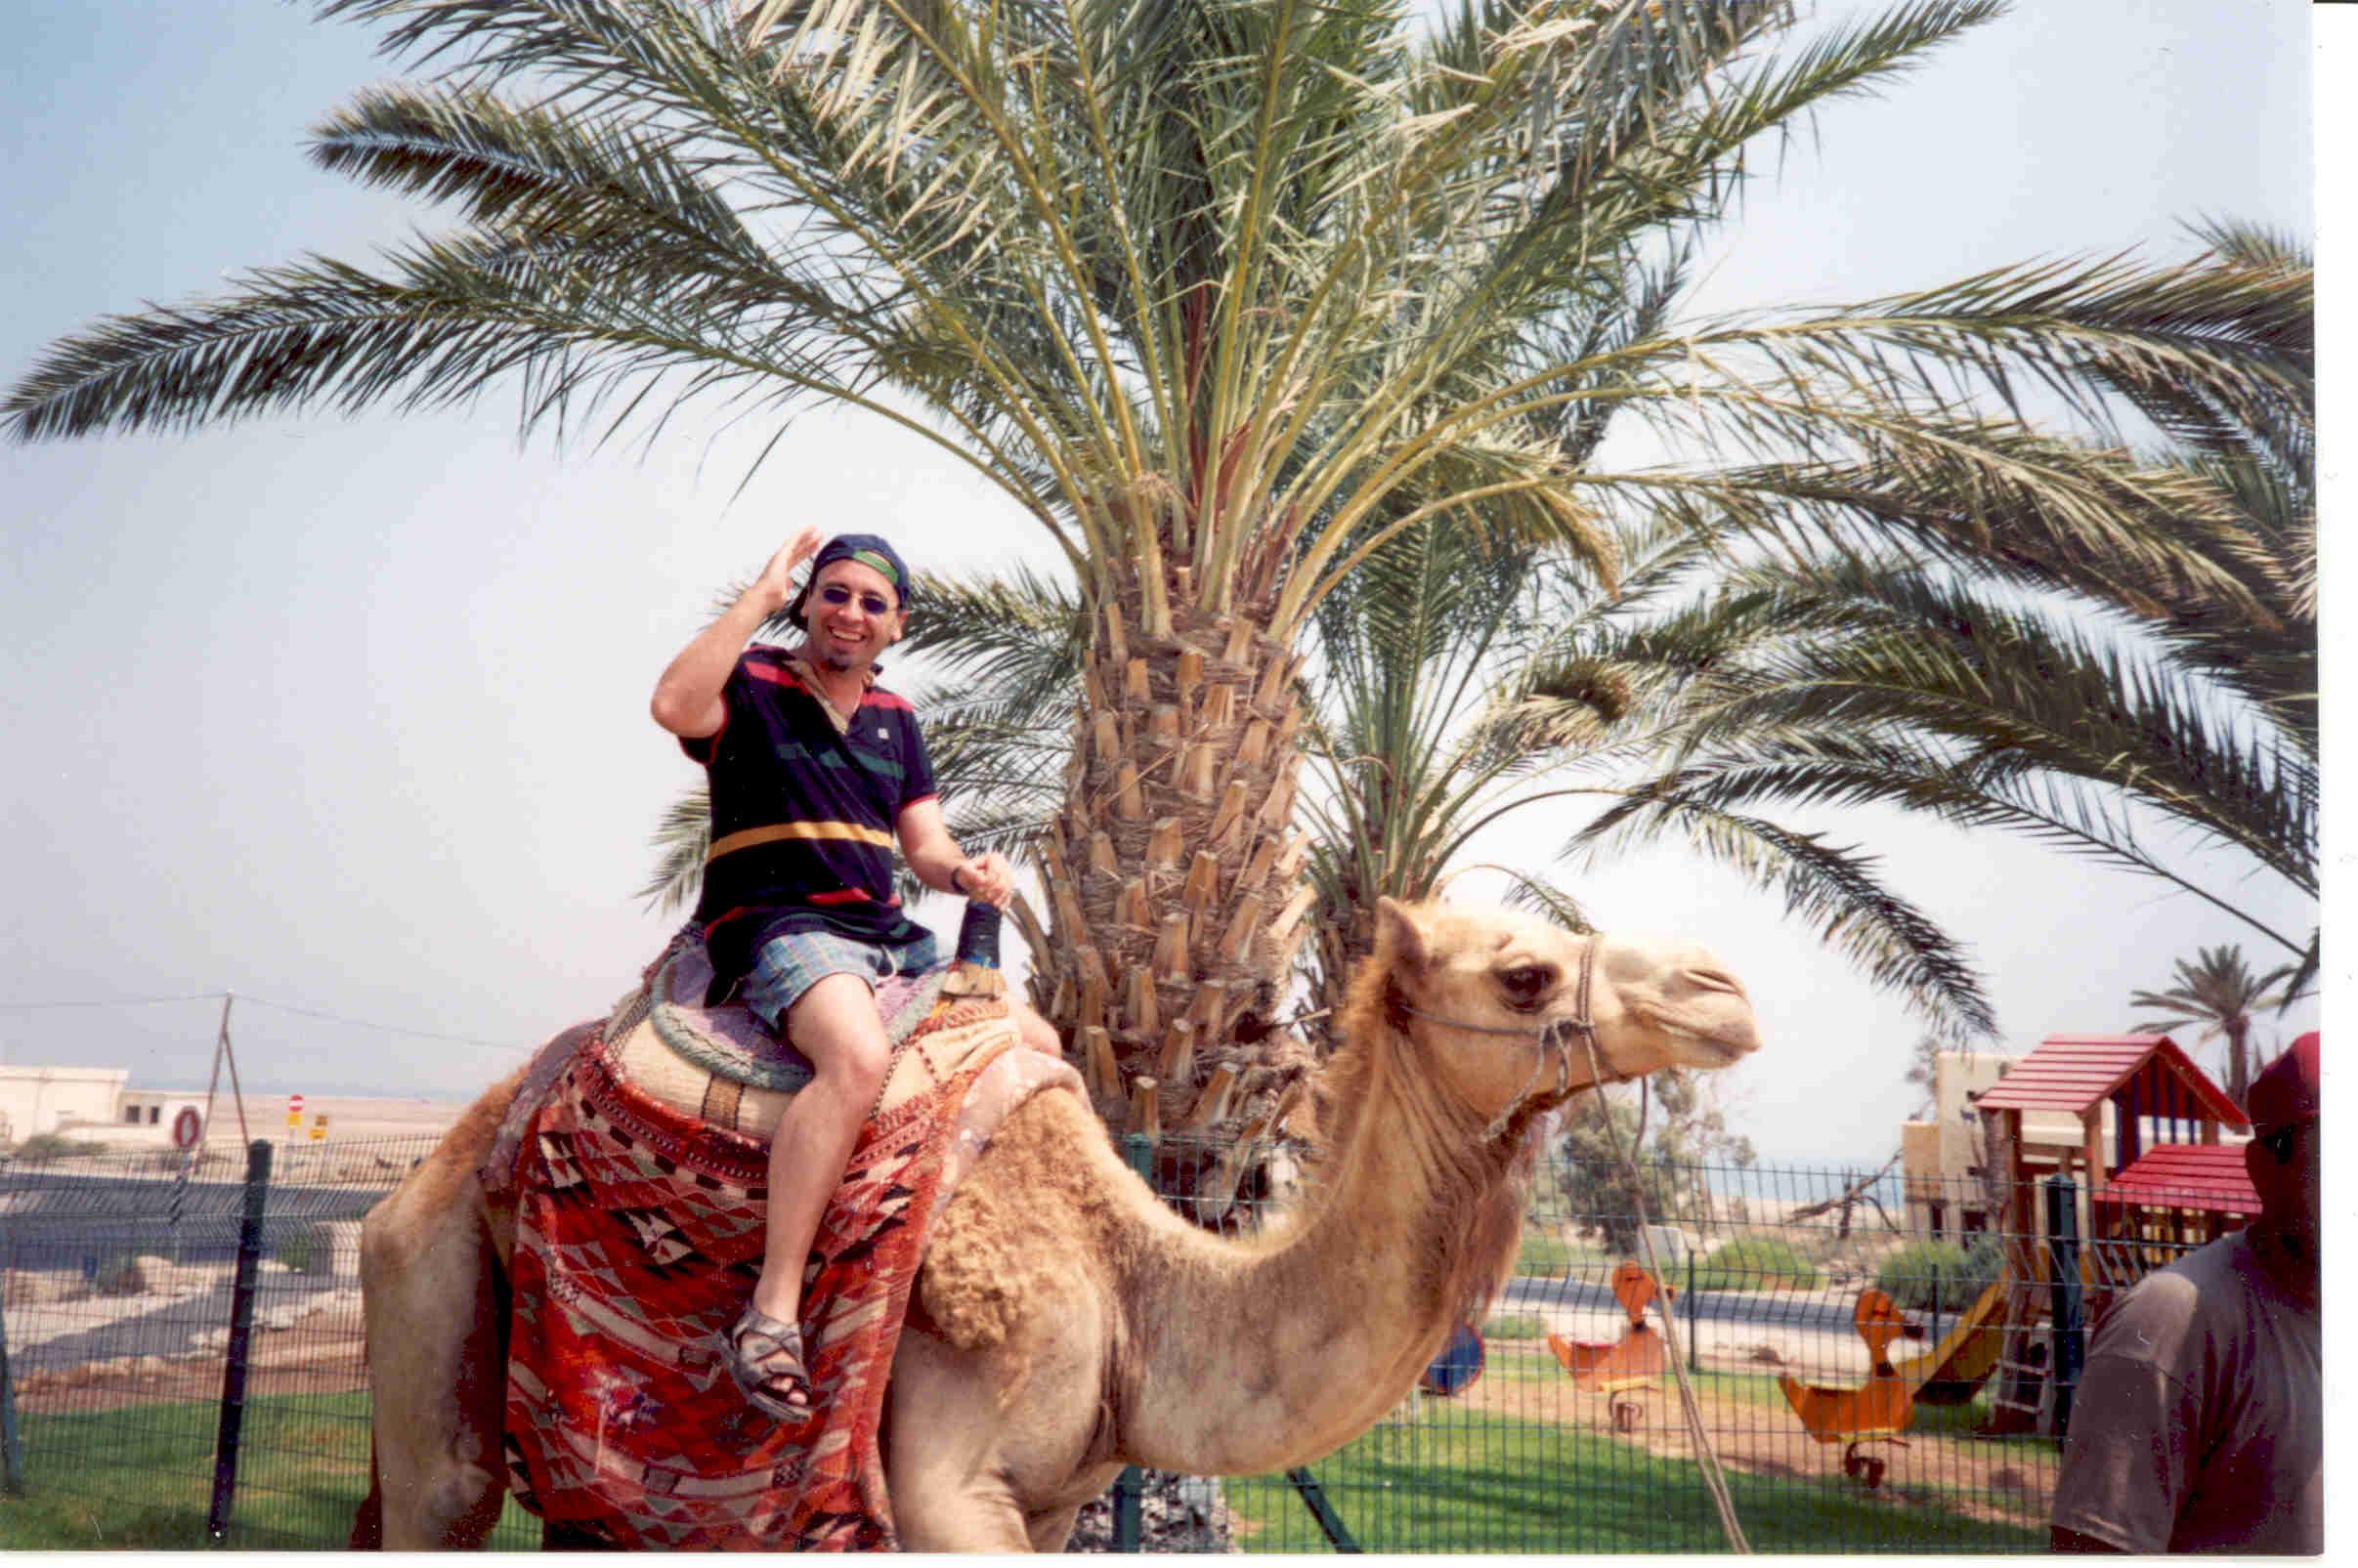 Oscar en camello.jpg